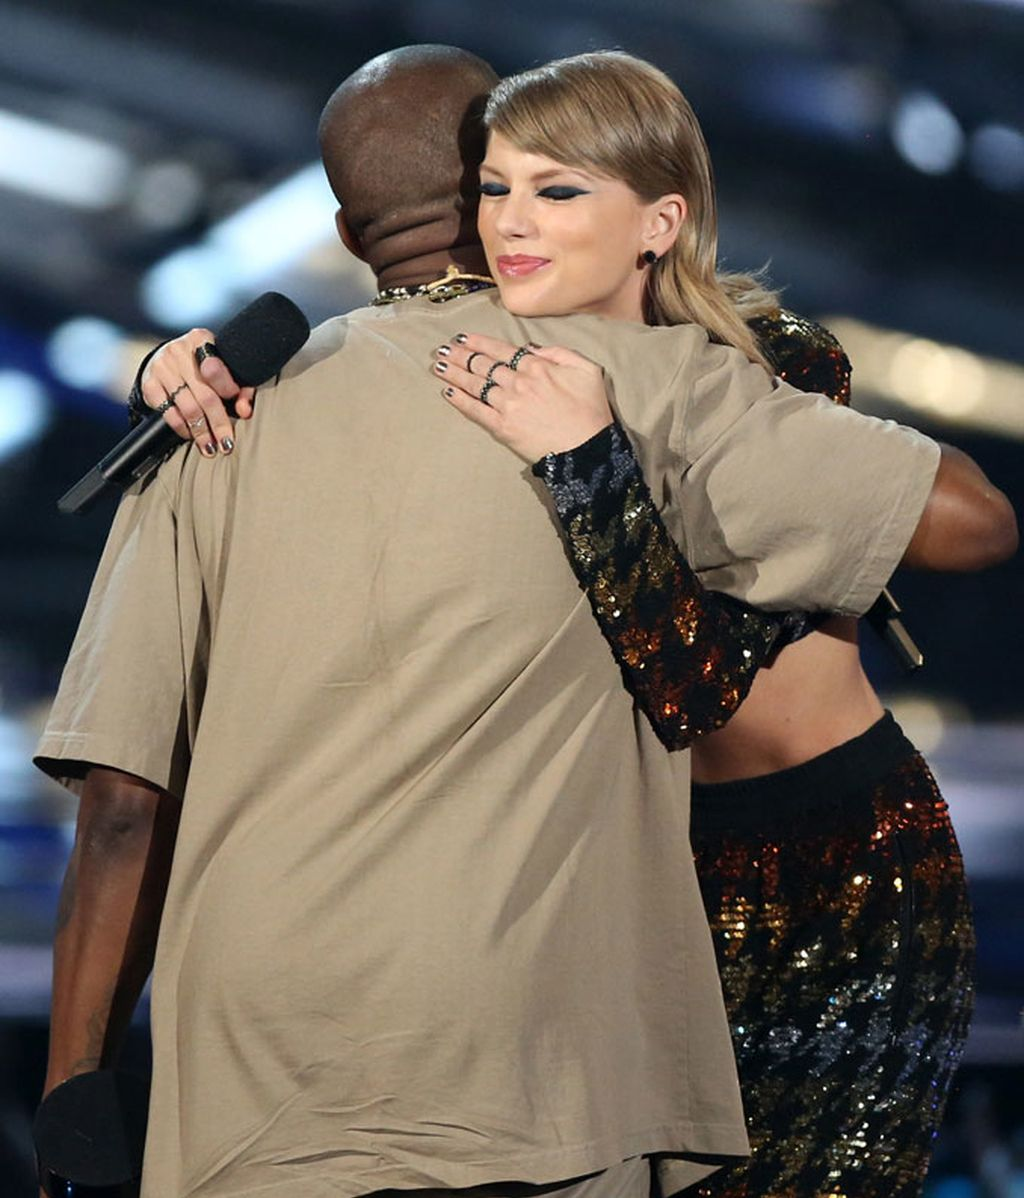 El esperado abrazo entre Taylor Swift y Kanye West